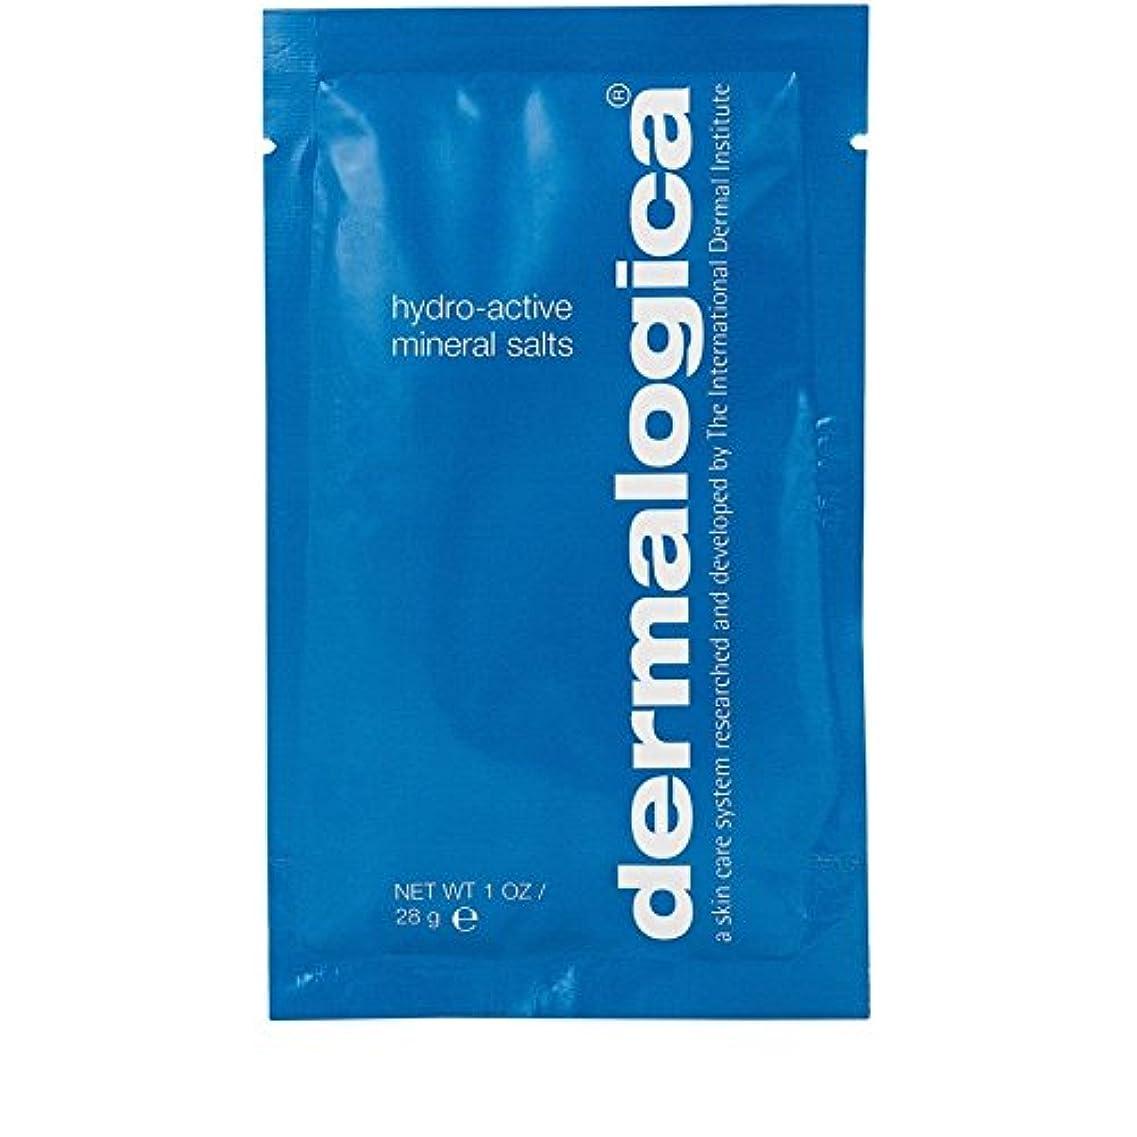 シンク最適けがをするダーマロジカ水力アクティブミネラル塩28グラム x4 - Dermalogica Hydro Active Mineral Salt 28g (Pack of 4) [並行輸入品]